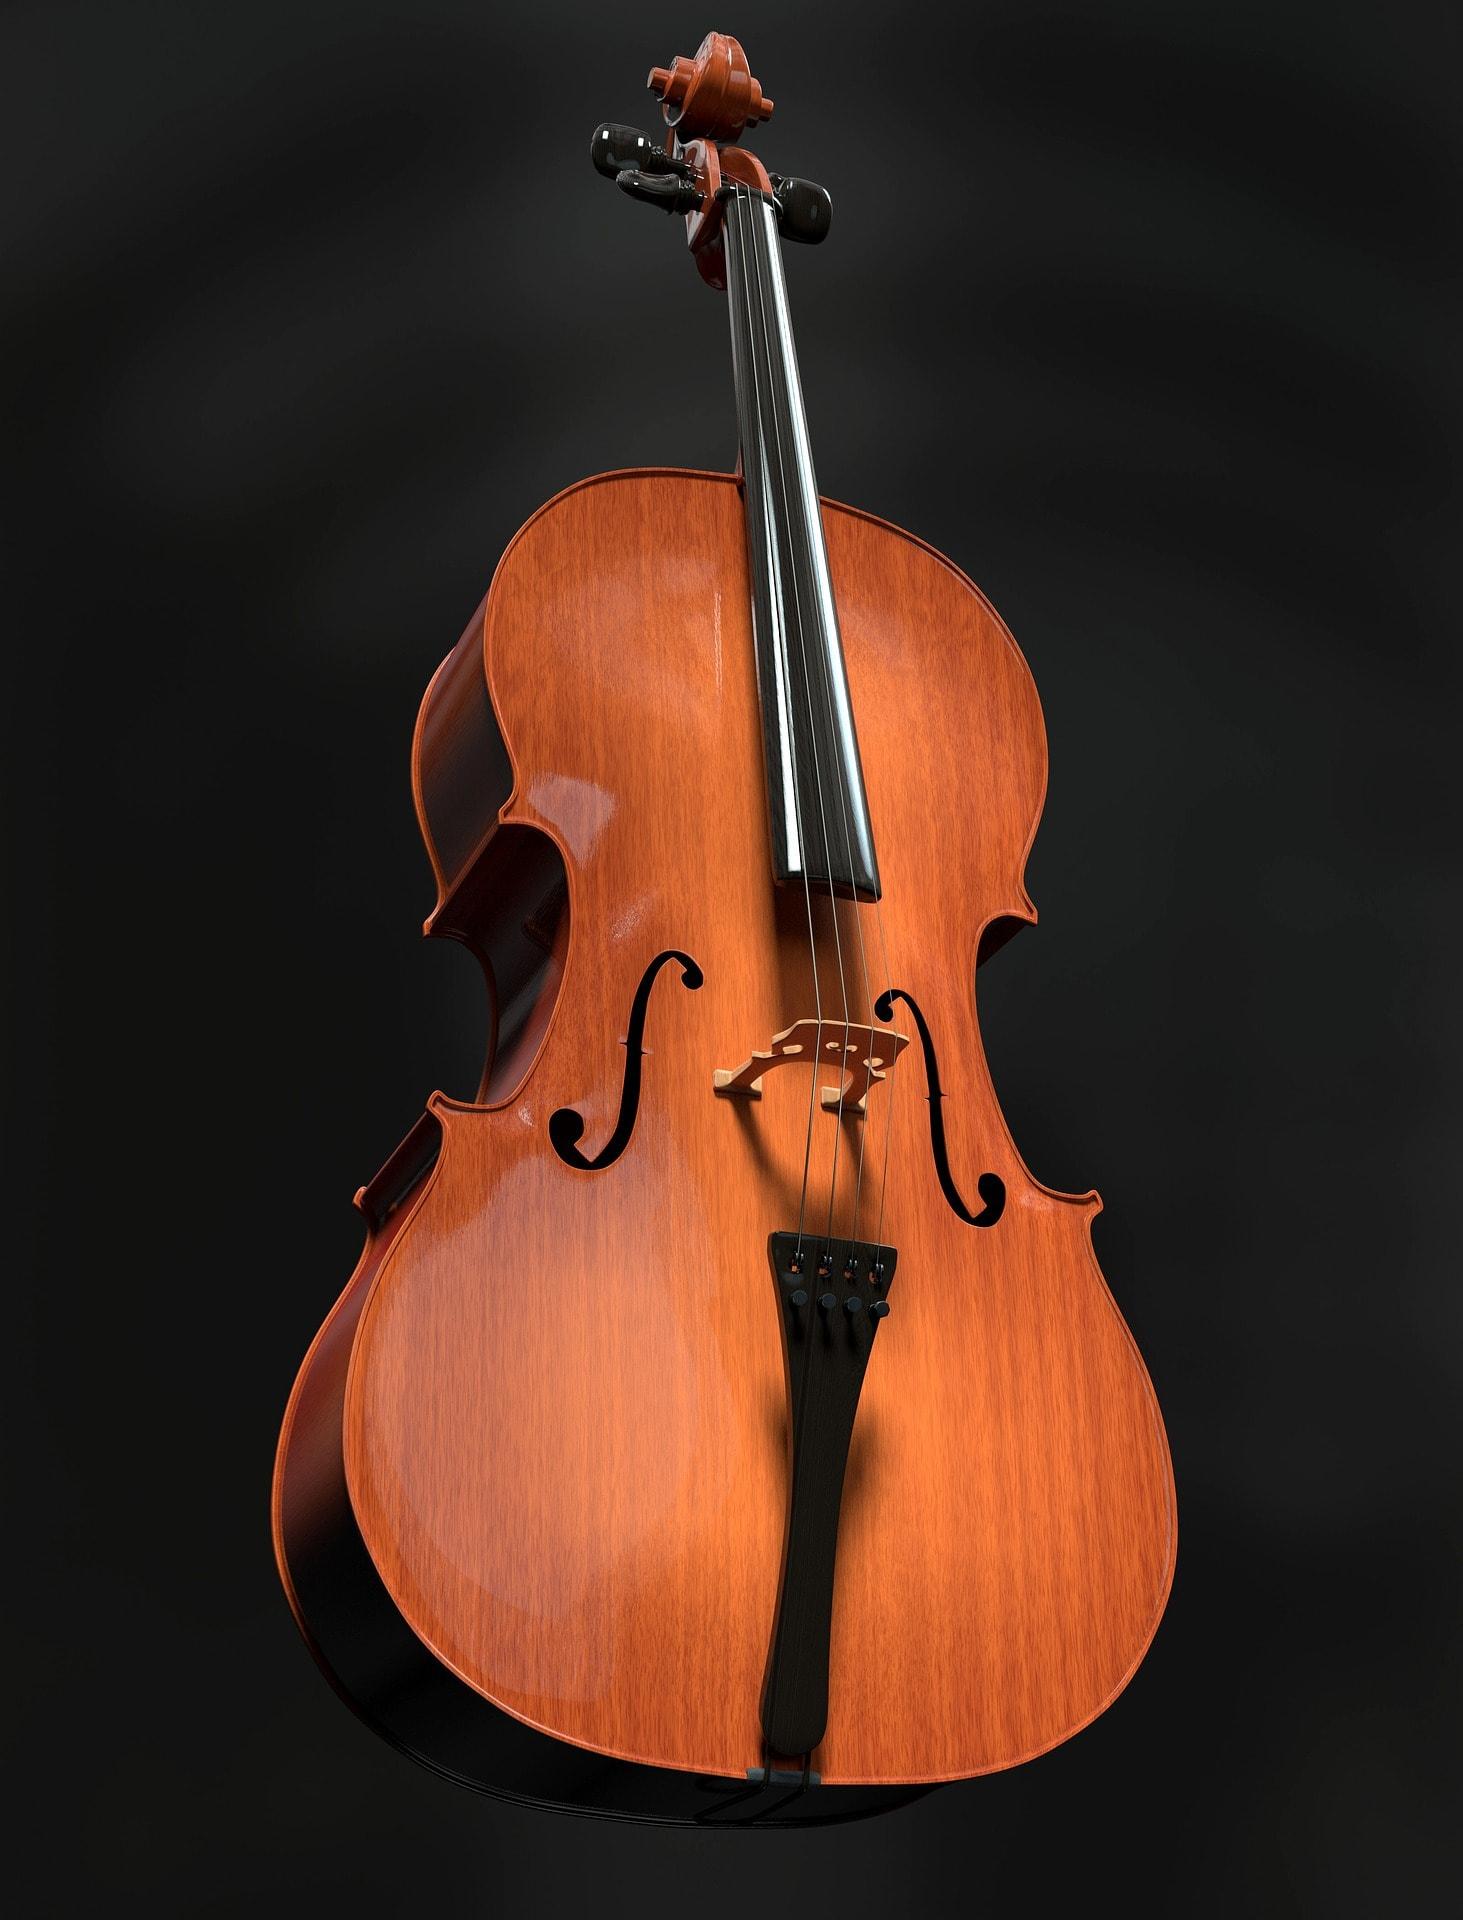 fotografía  de un violonchelo con fondo negro